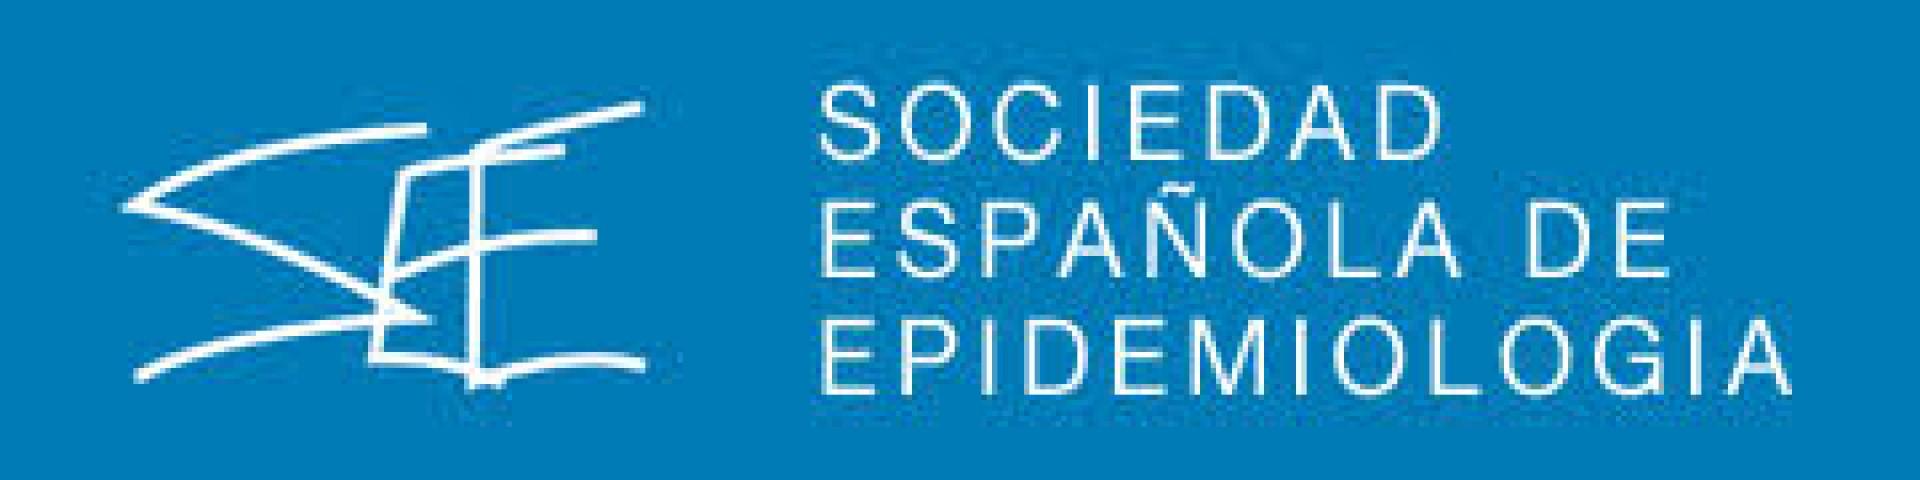 """La Sociedad Española de Epidemiología recomienda mantener """"Madrid Central"""" y ampliar esta medida a otros distritos de la ciudad de manera progresiva"""